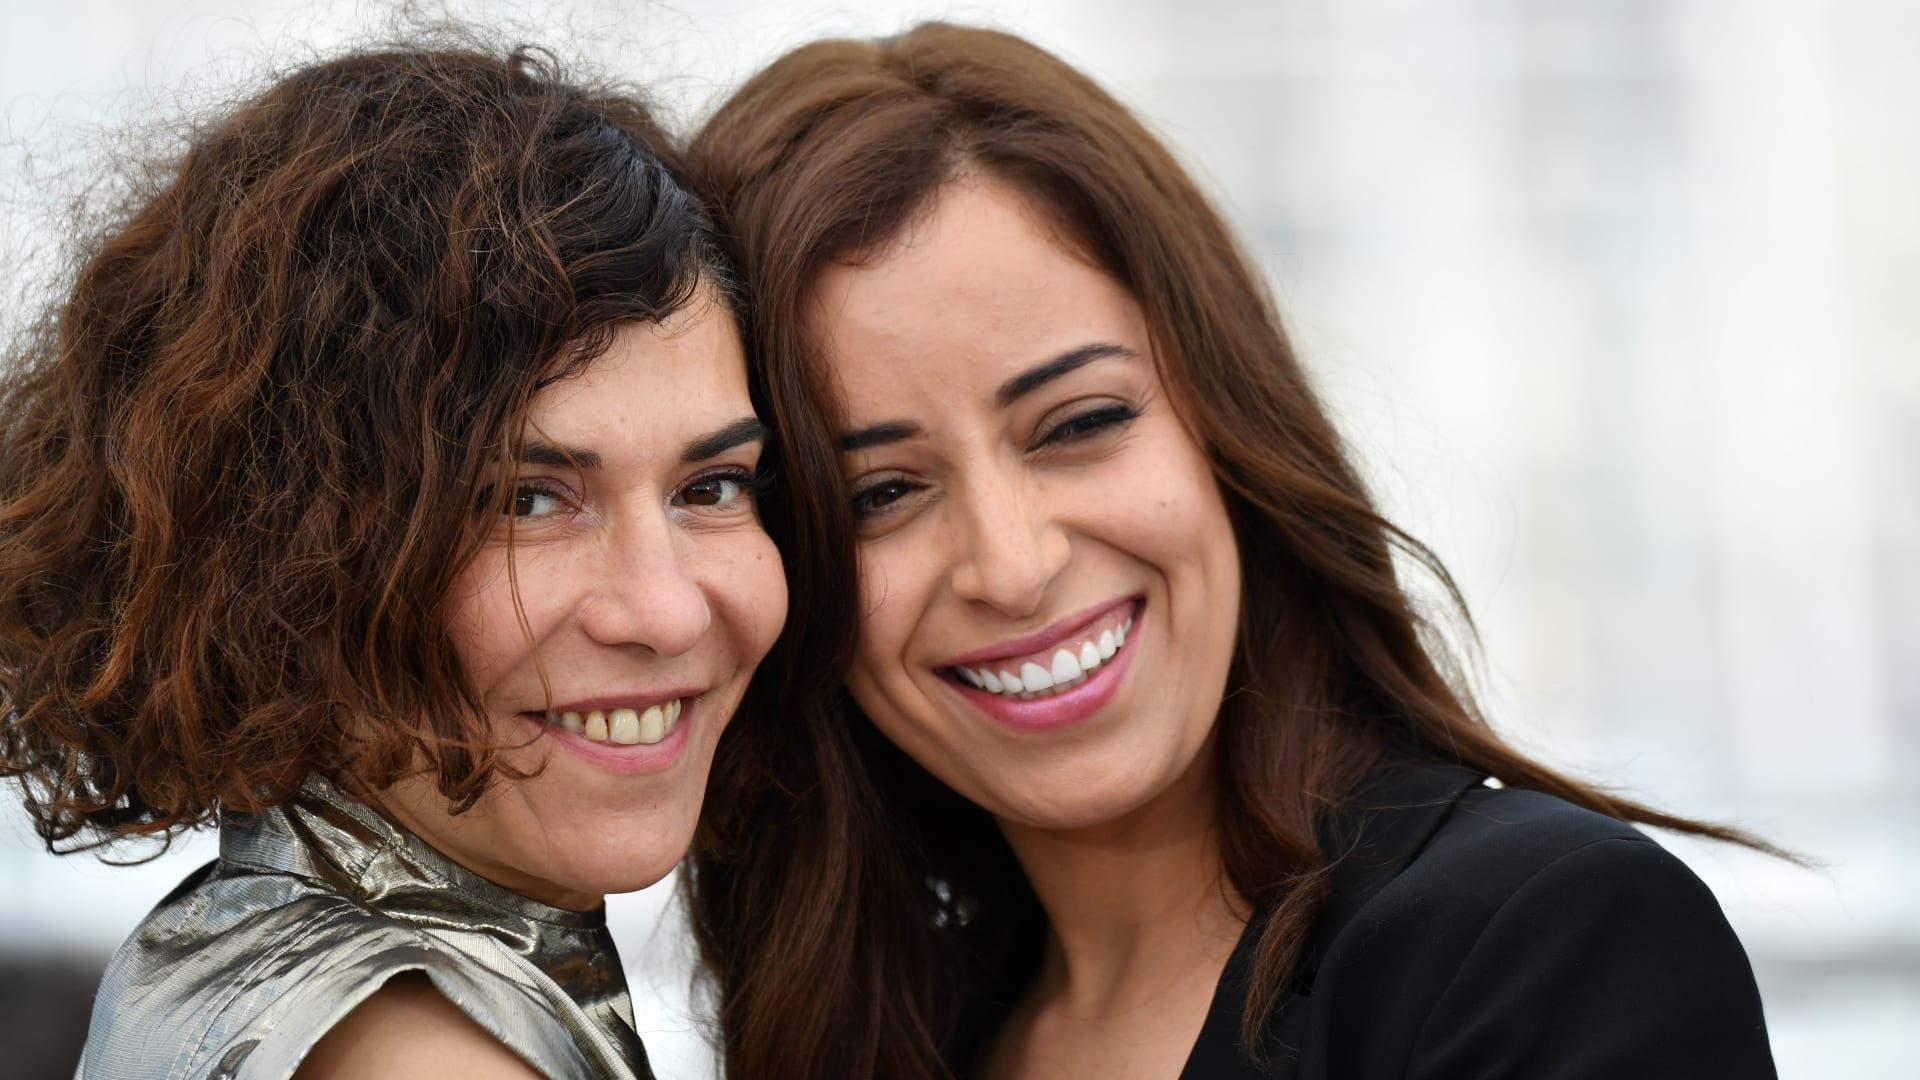 """قبلة بين ممثلتين مغربيتين في مهرجان """"كان"""" تشعل مواقع التواصل.. والزبال تعتذر"""